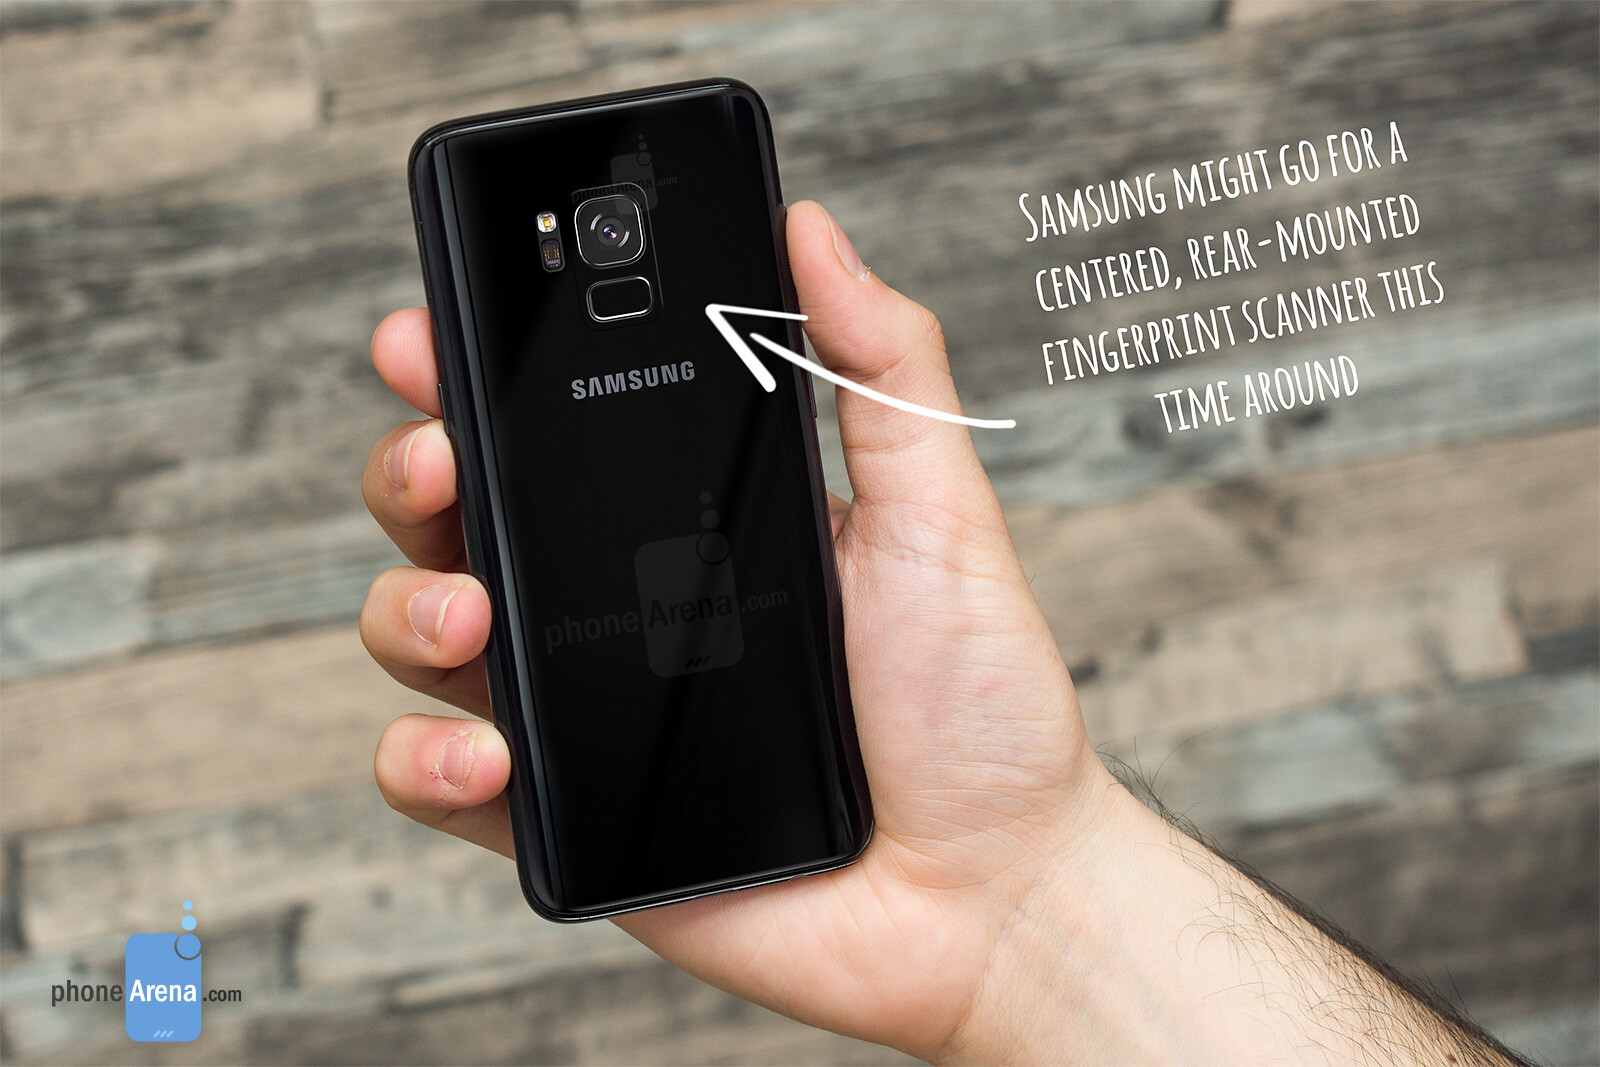 Sforum - Trang thông tin công nghệ mới nhất Galaxy-S9-S9-plus-fingerprint Cùng chiêm ngưỡng những hình ảnh đầu tiên của Galaxy S9